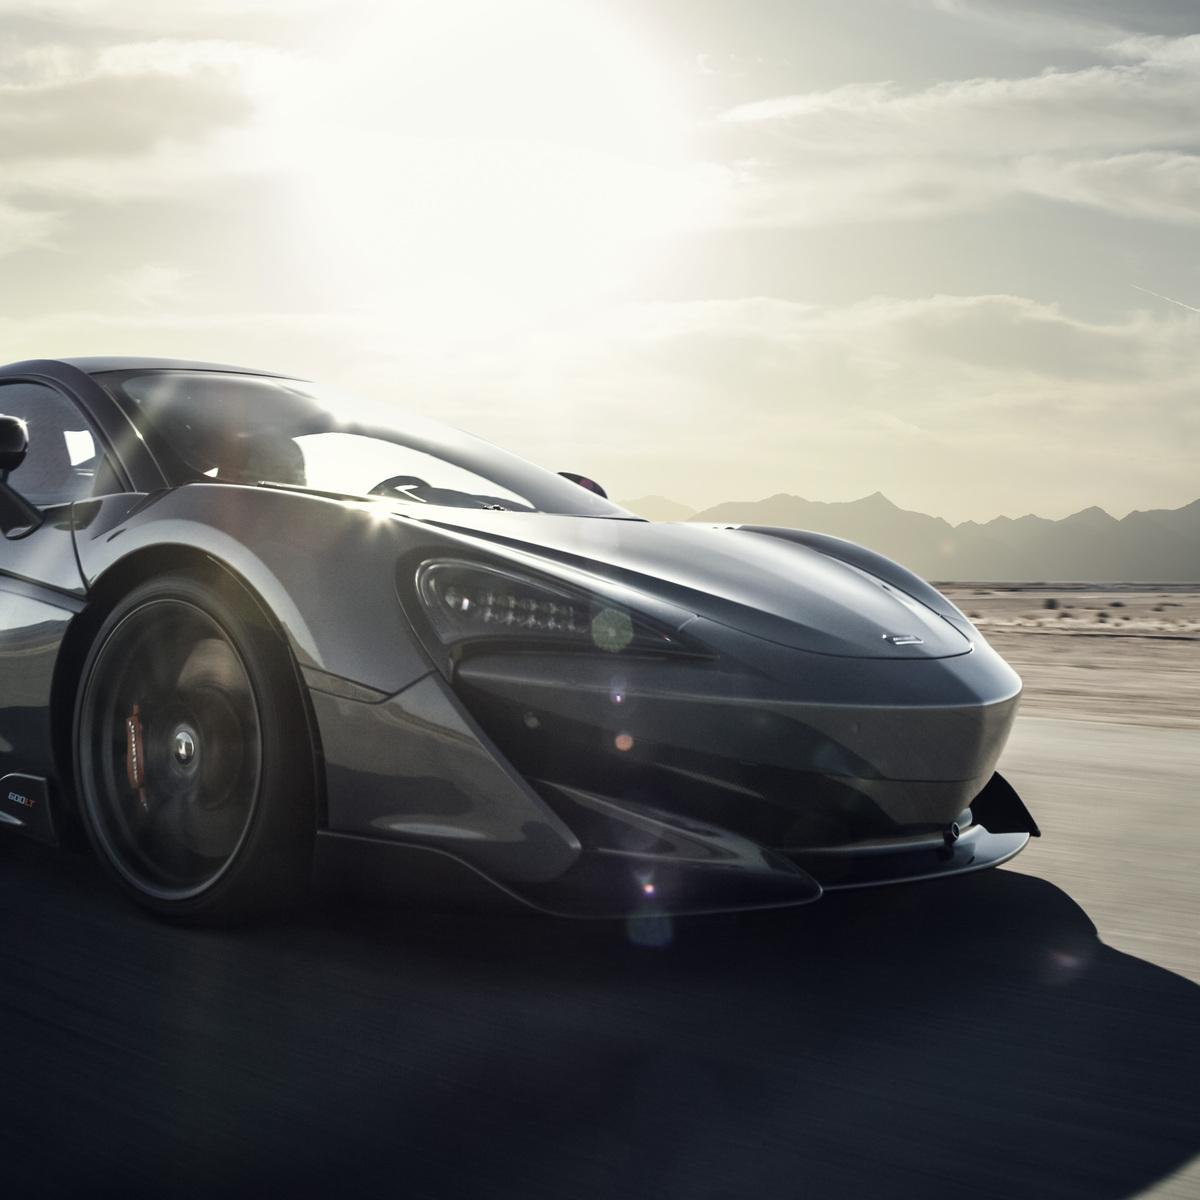 McLaren 600LT - The edge is calling | McLaren Automotive